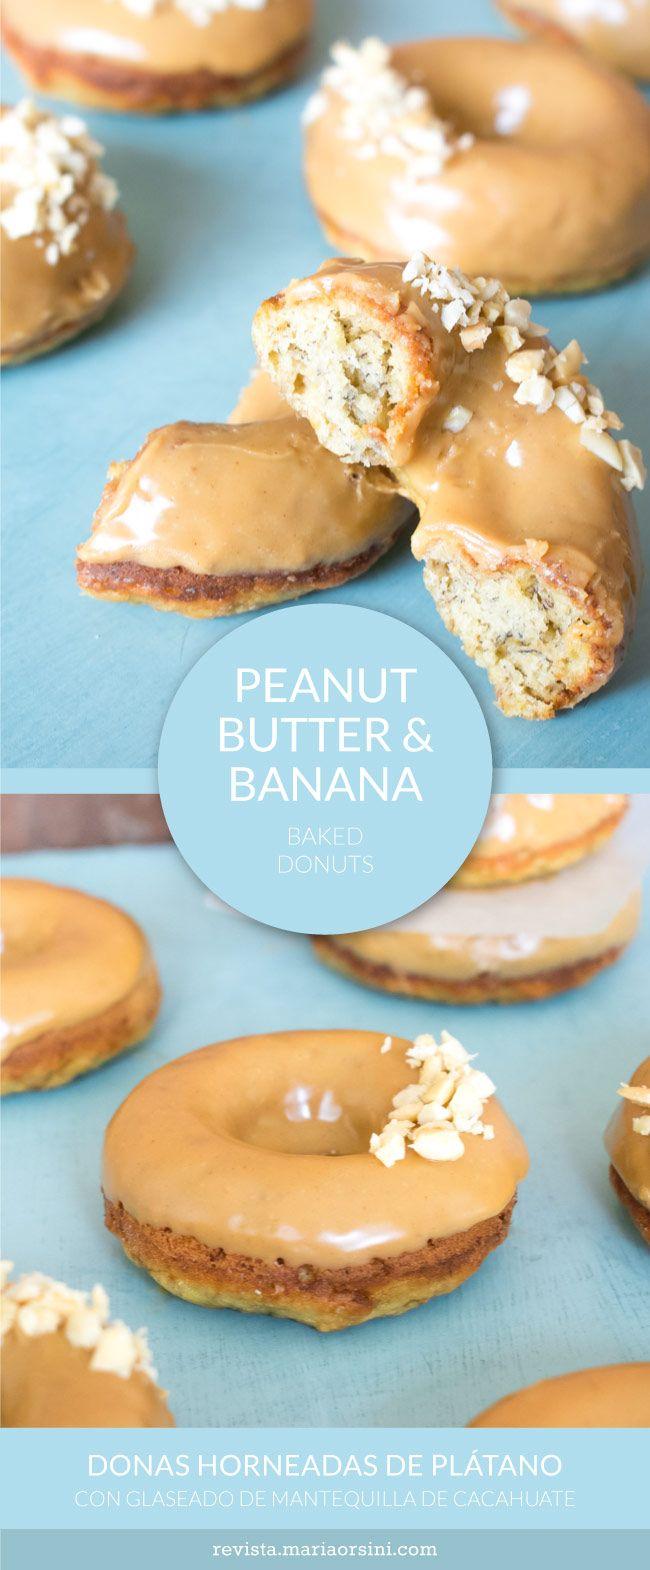 Peanut butter & Banana baked donuts, yummy and quick! - Donas horneadas de plátano con peanut butter, rápidas y deliciosas!